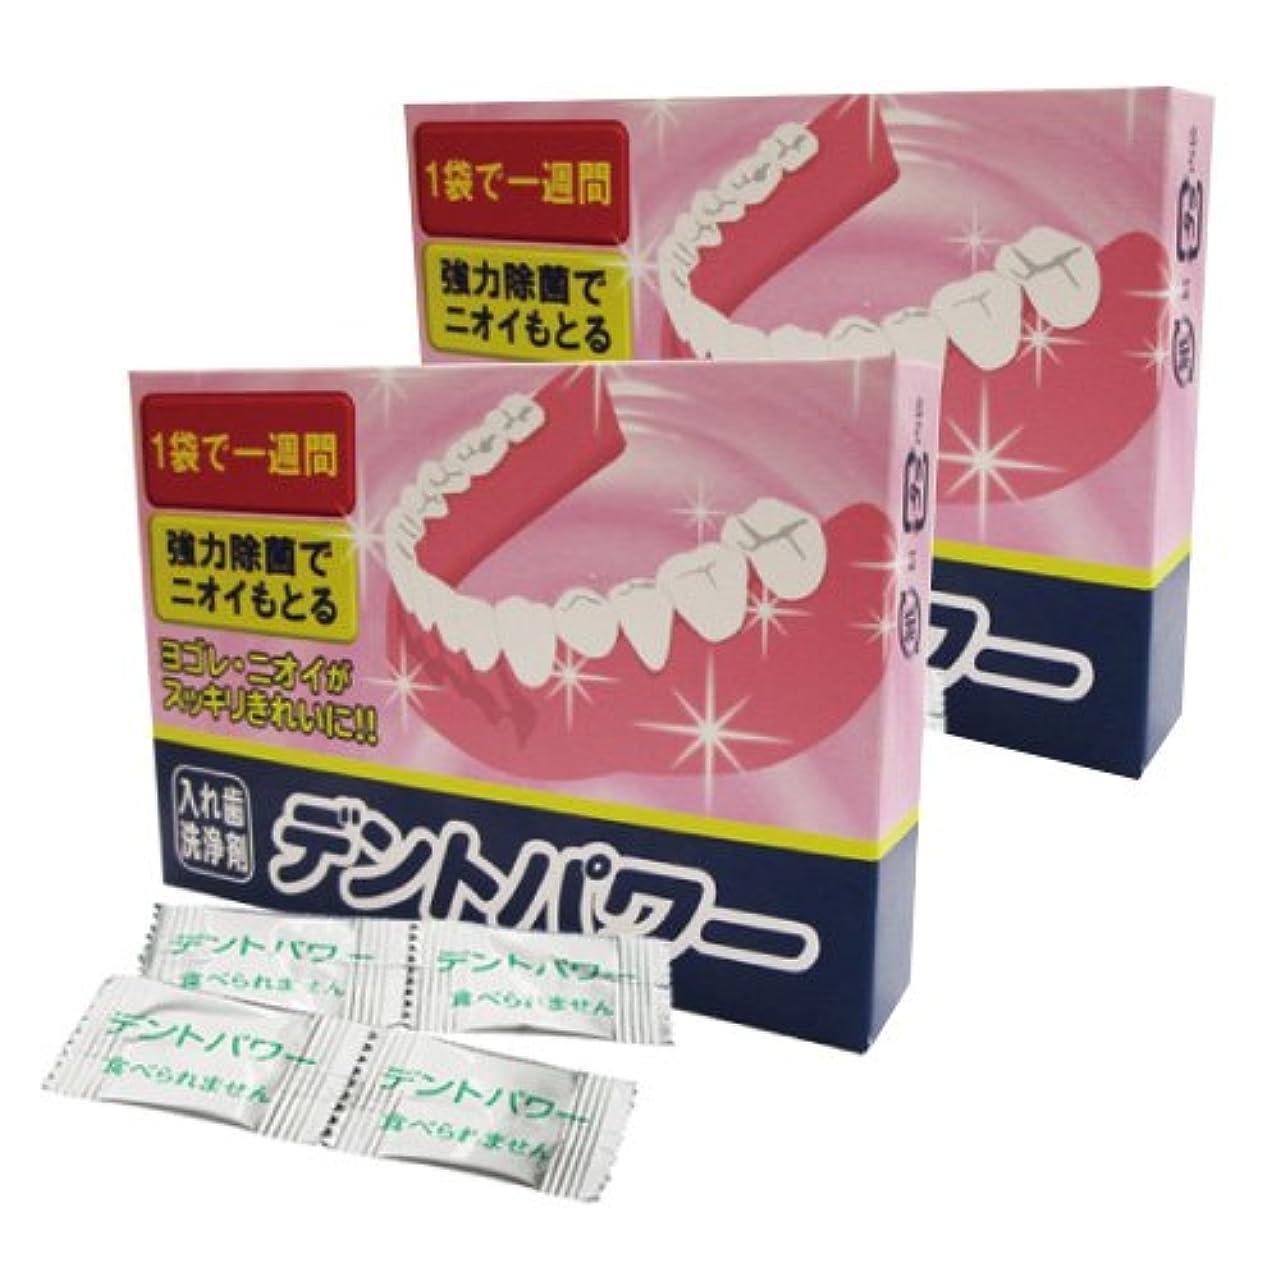 つま先副詞誰のデントパワー 入れ歯洗浄剤 5ヵ月用x2個セット